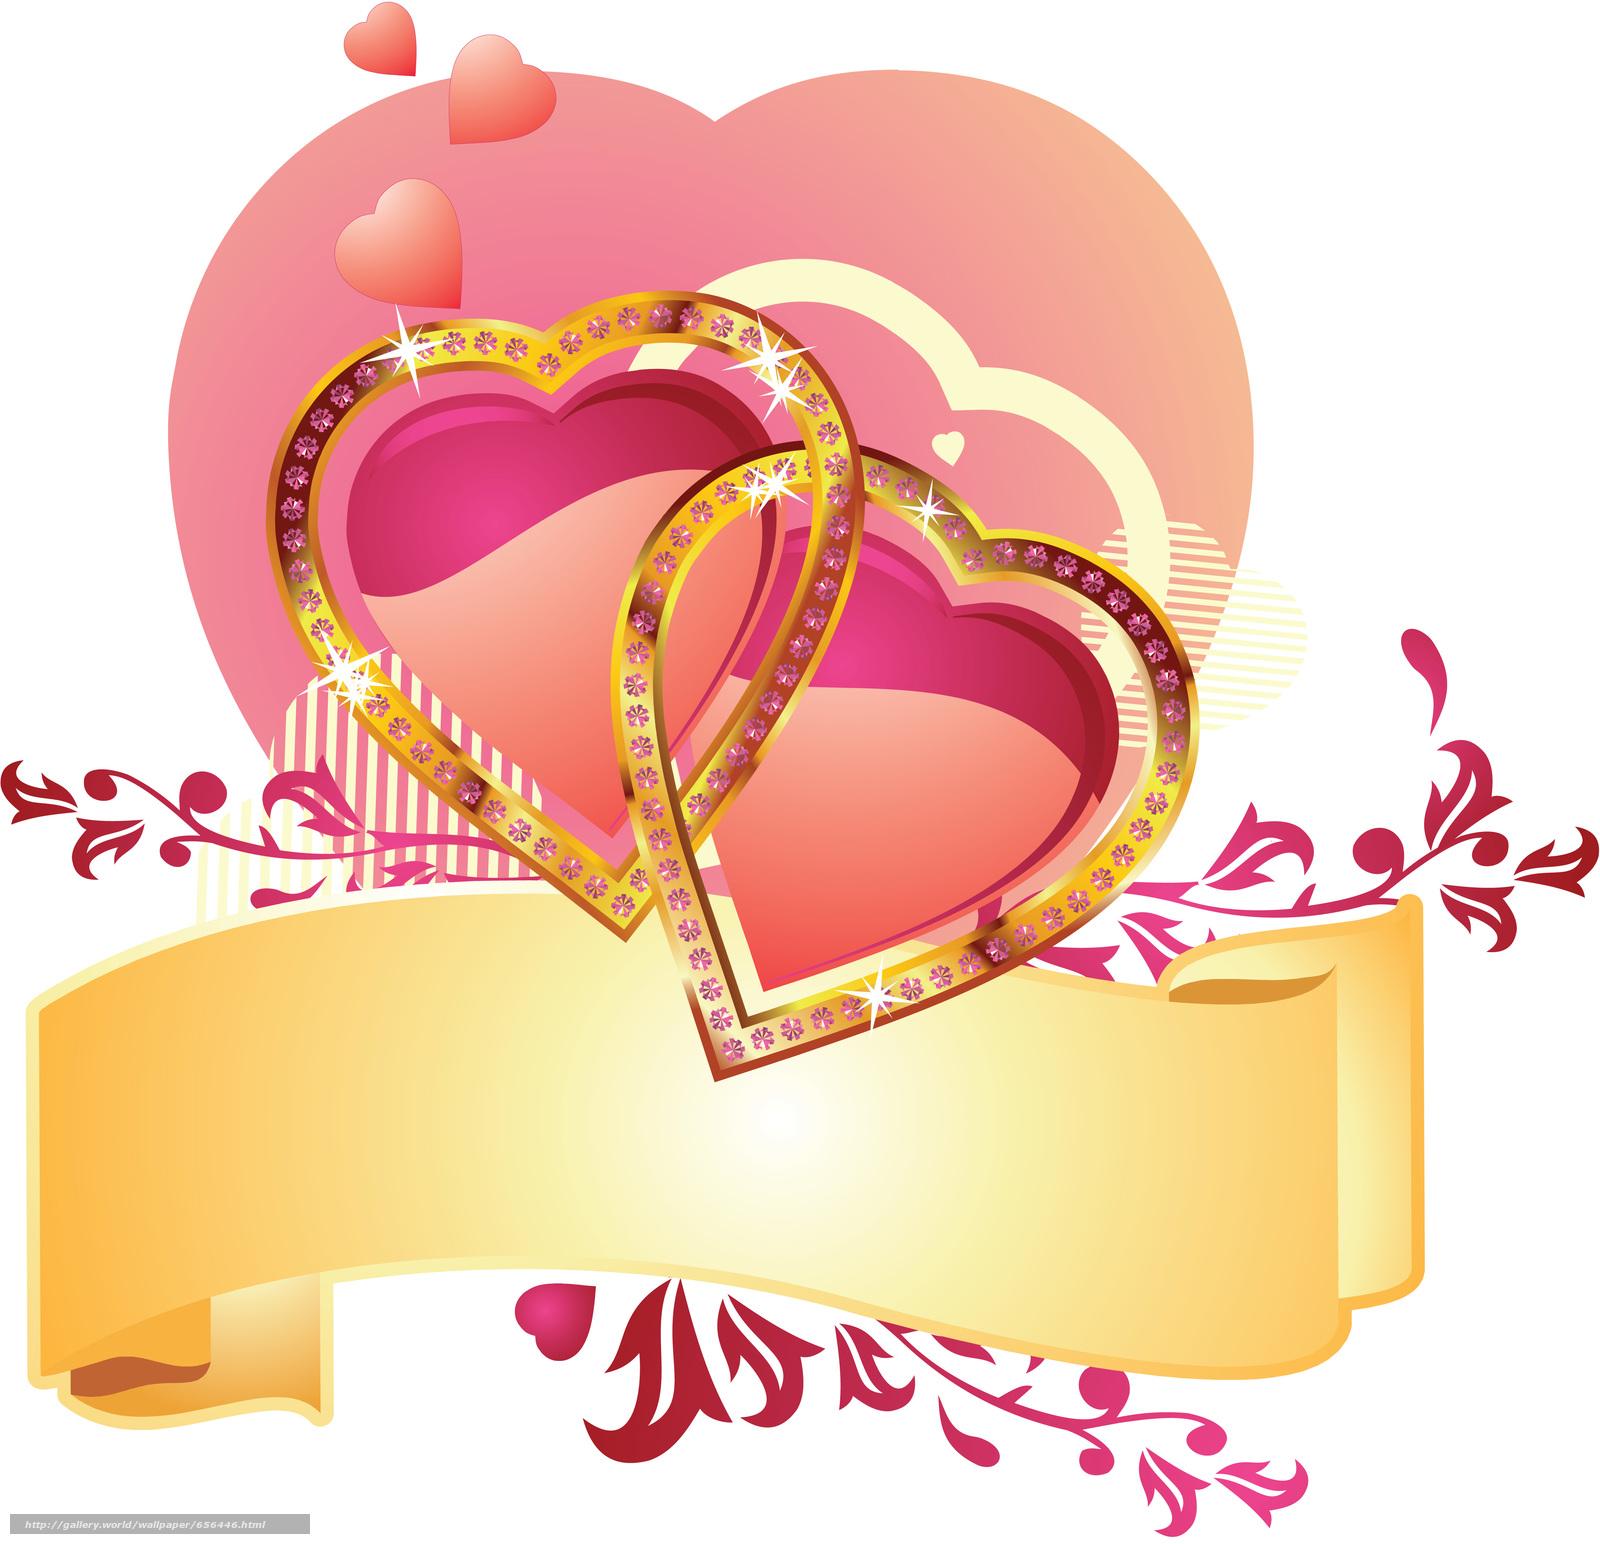 Скачать обои день святого валентина,  день всех влюбленных,  праздник,  сердце бесплатно для рабочего стола в разрешении 4587x4427 — картинка №656446